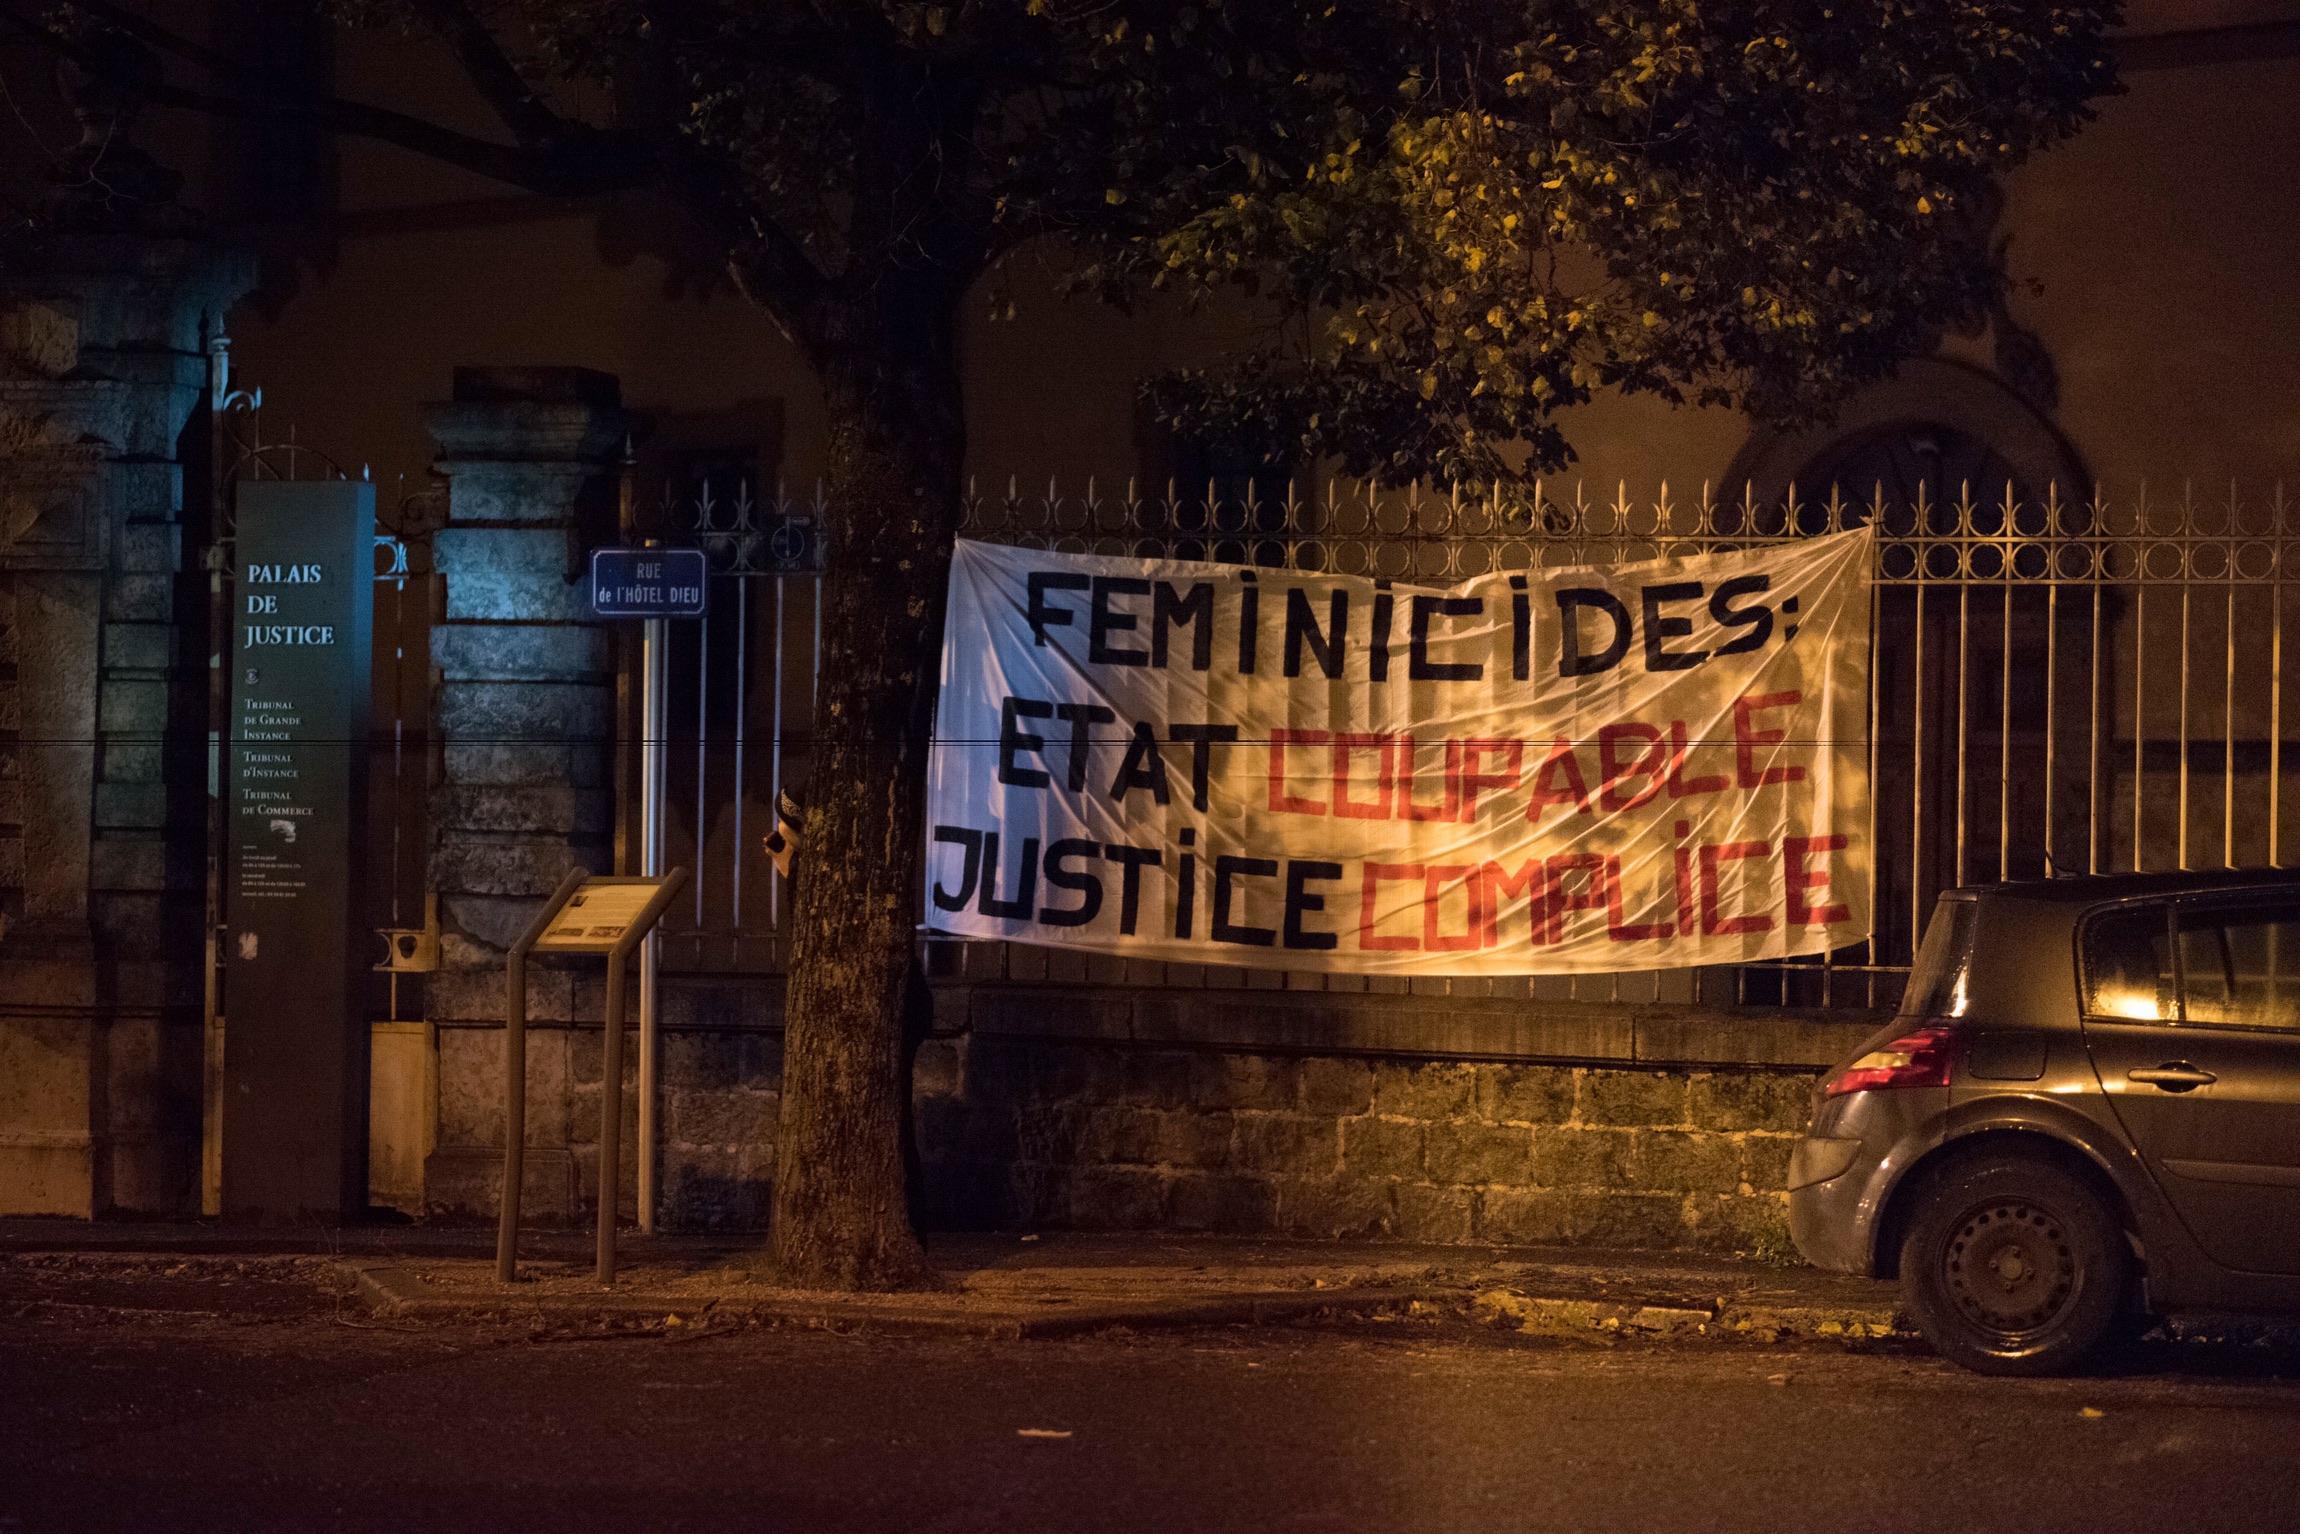 Les affiches n'ayant pu être collées sur le mur d'enceinte du tribunal de Thonon-les-Bains, c'est une banderole qui a été accrochée aux grilles dans la nuit du 3 au 4 novembre. Elle a été enlevée depuis le lendemain matin.